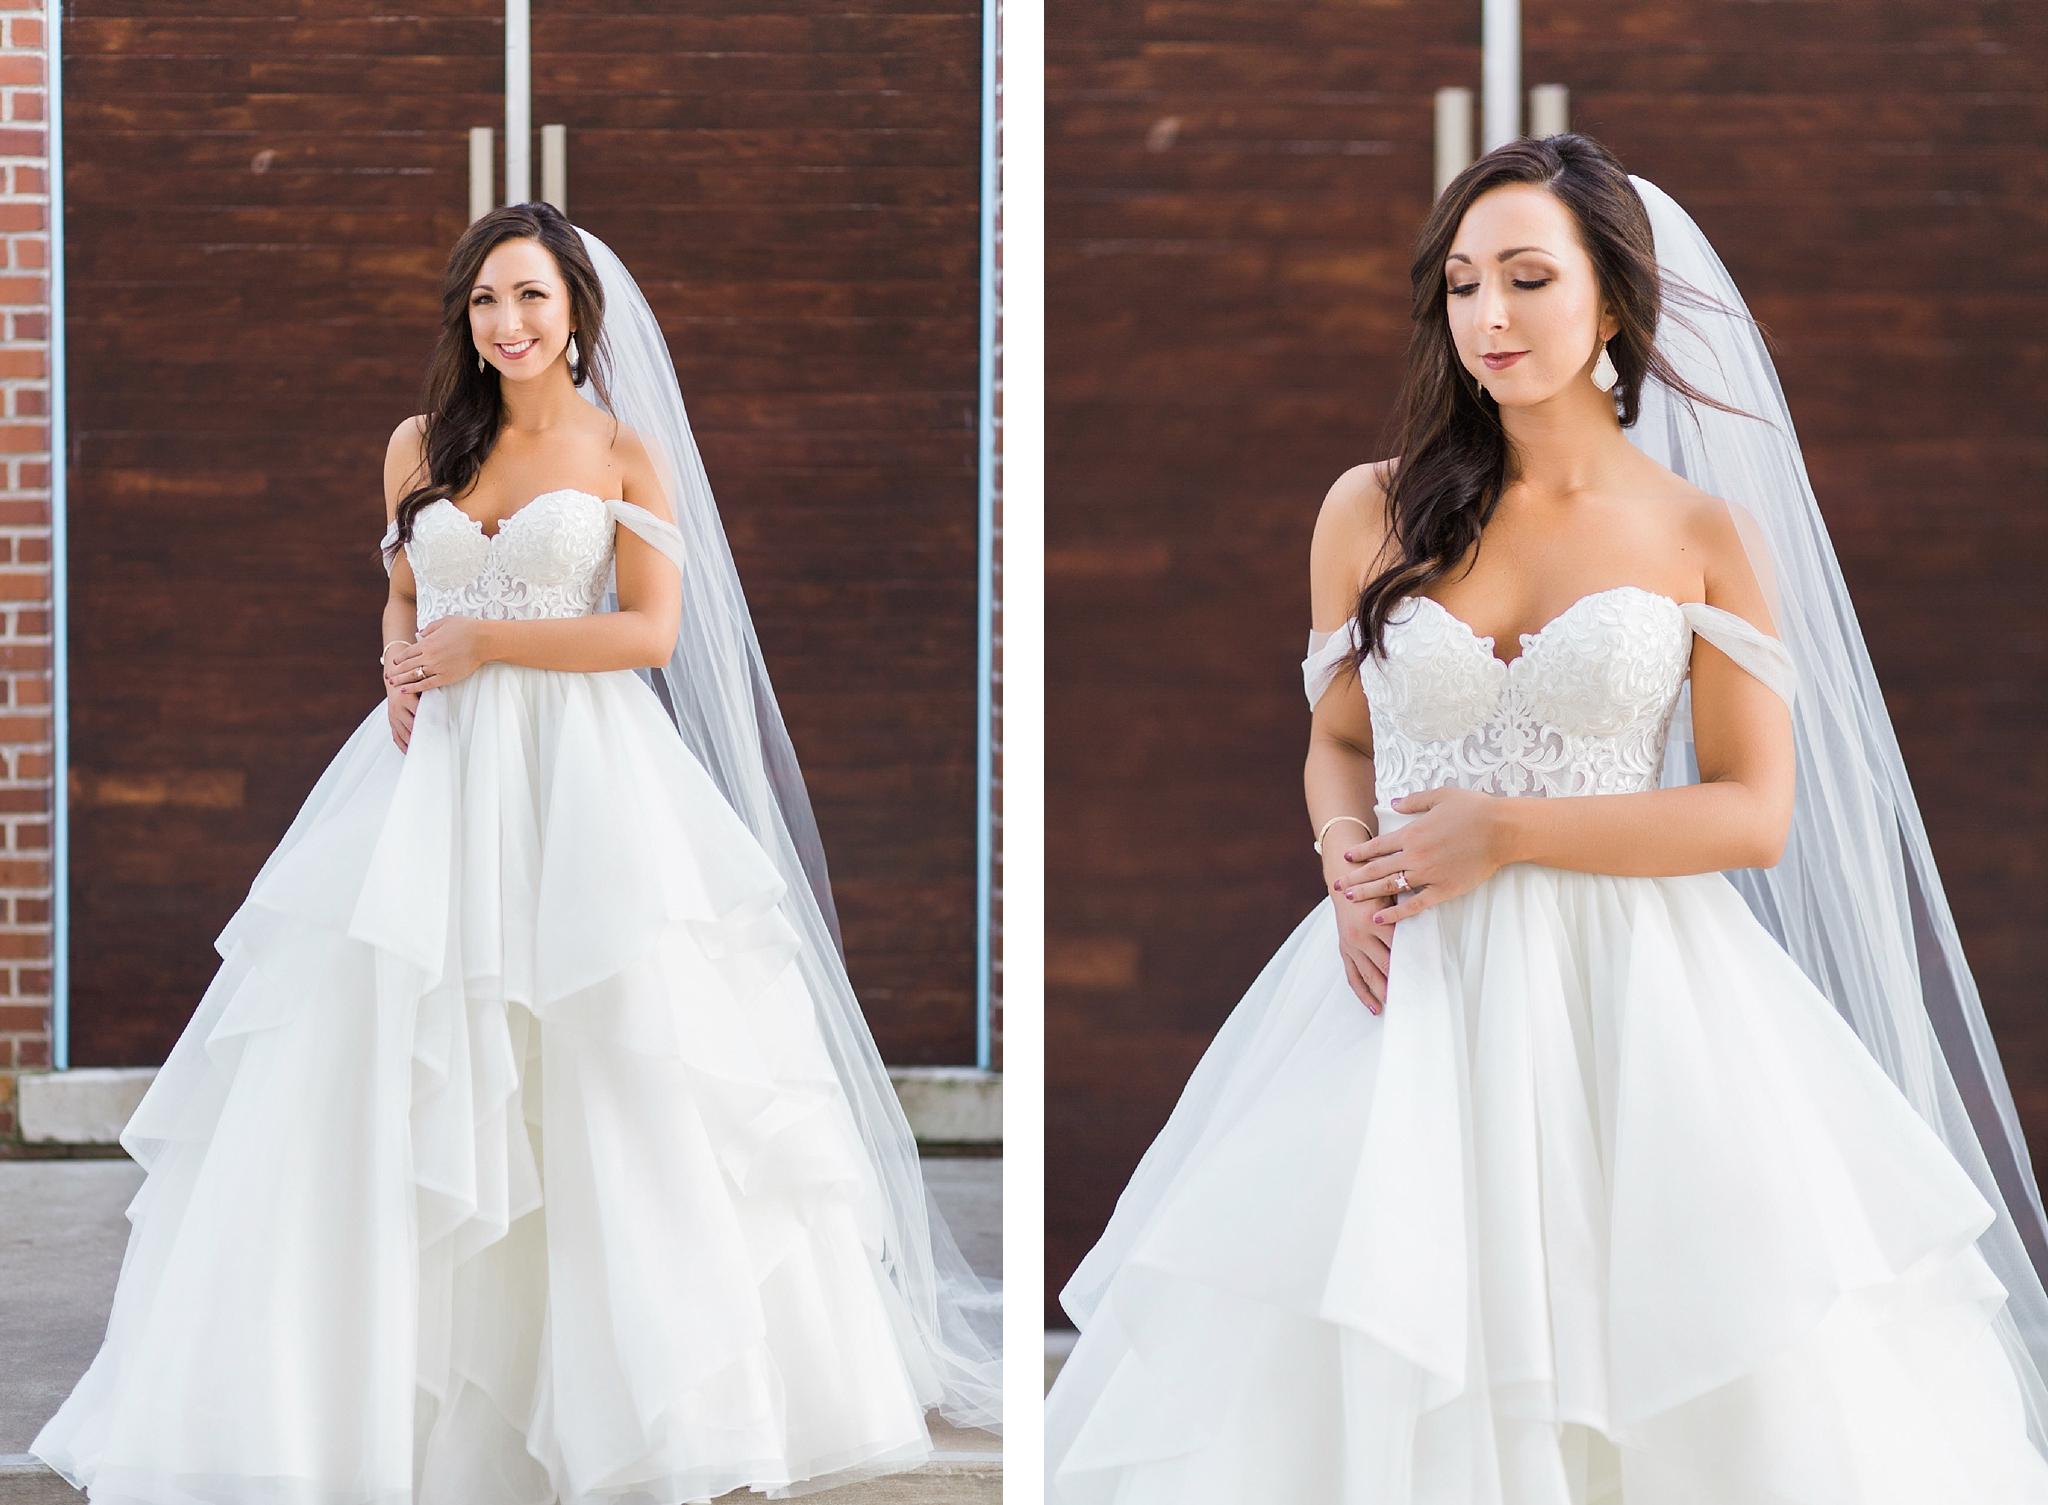 white-dresses-nashville-wedding.jpg